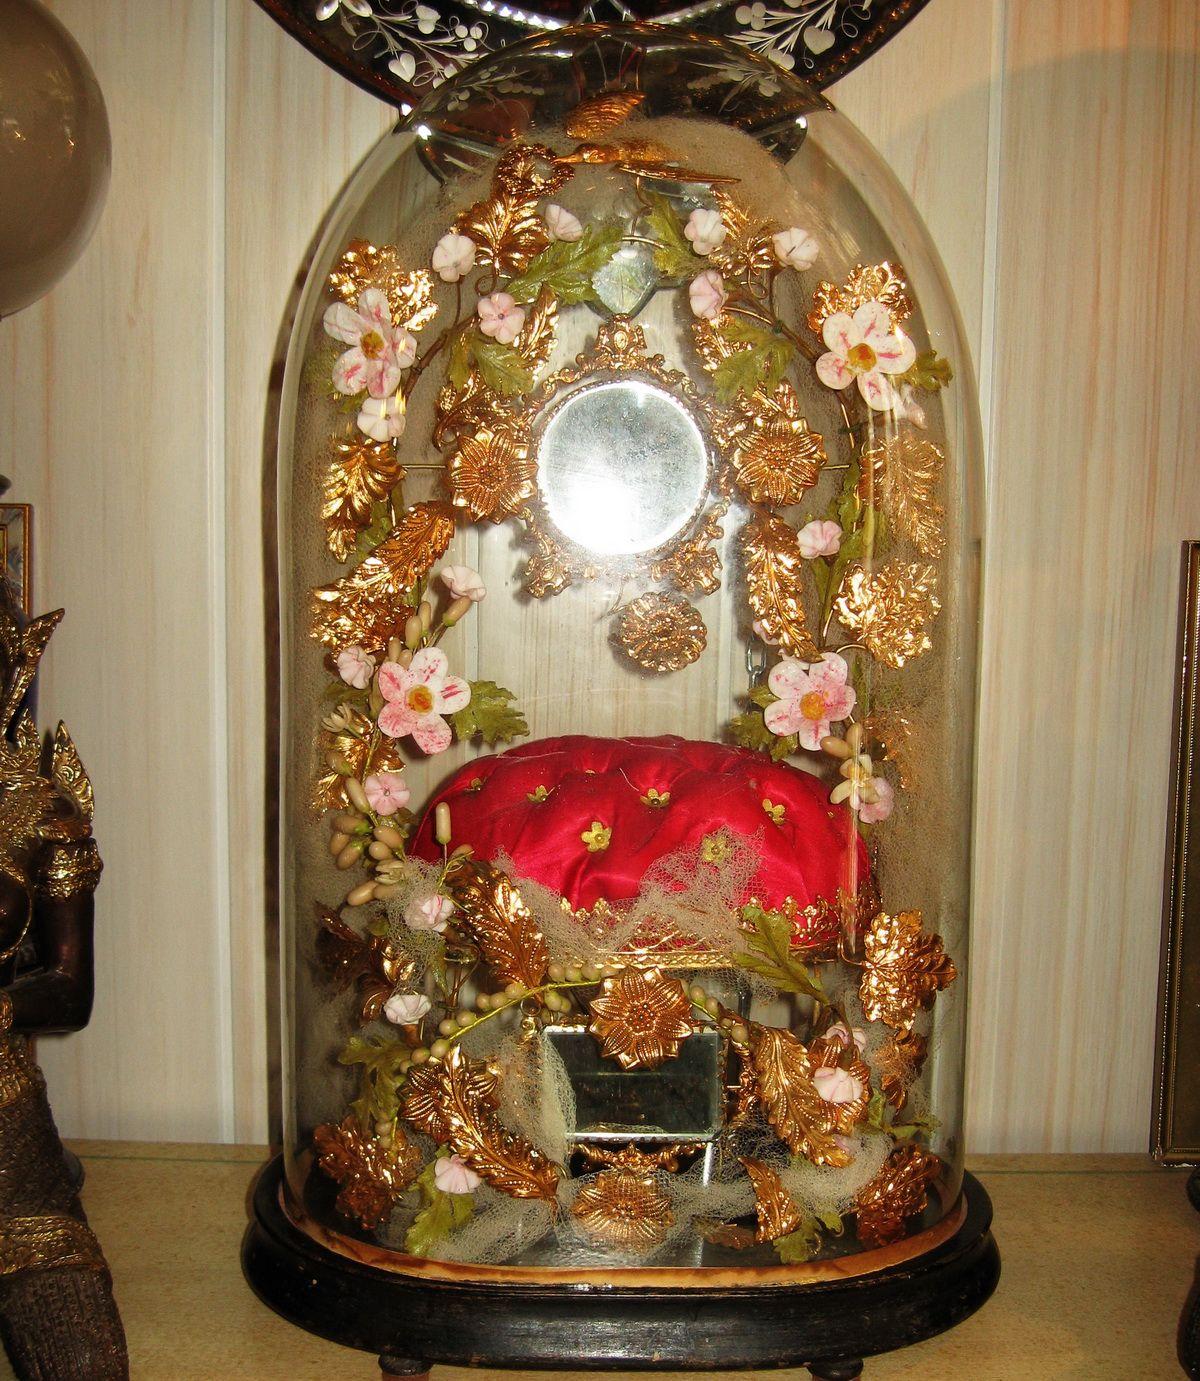 d tails sur grand globe de mariee epoque napoleon iii complet de sa couronne mariage globes. Black Bedroom Furniture Sets. Home Design Ideas